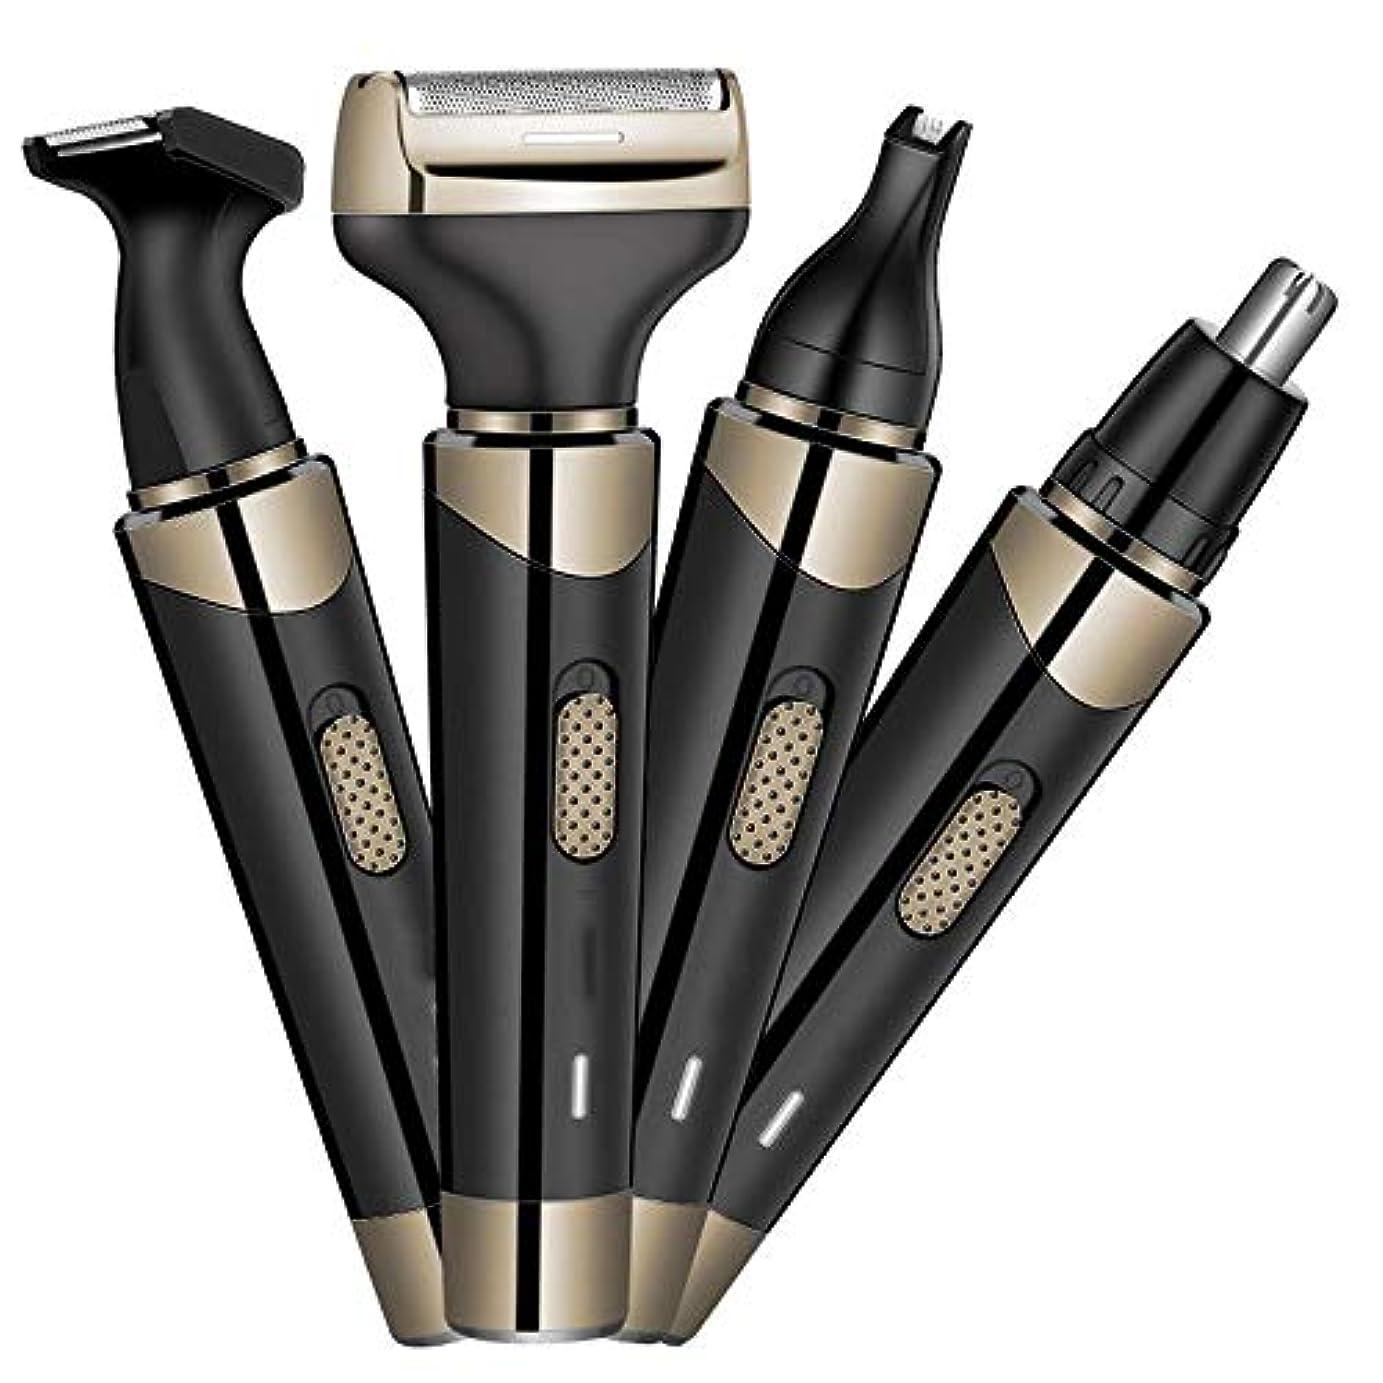 スズメバチ気取らない根絶する多機能レイザーUsbのフォーインワンスーツメンズビアード鼻毛トリマー (Color : Black, Size : USB)